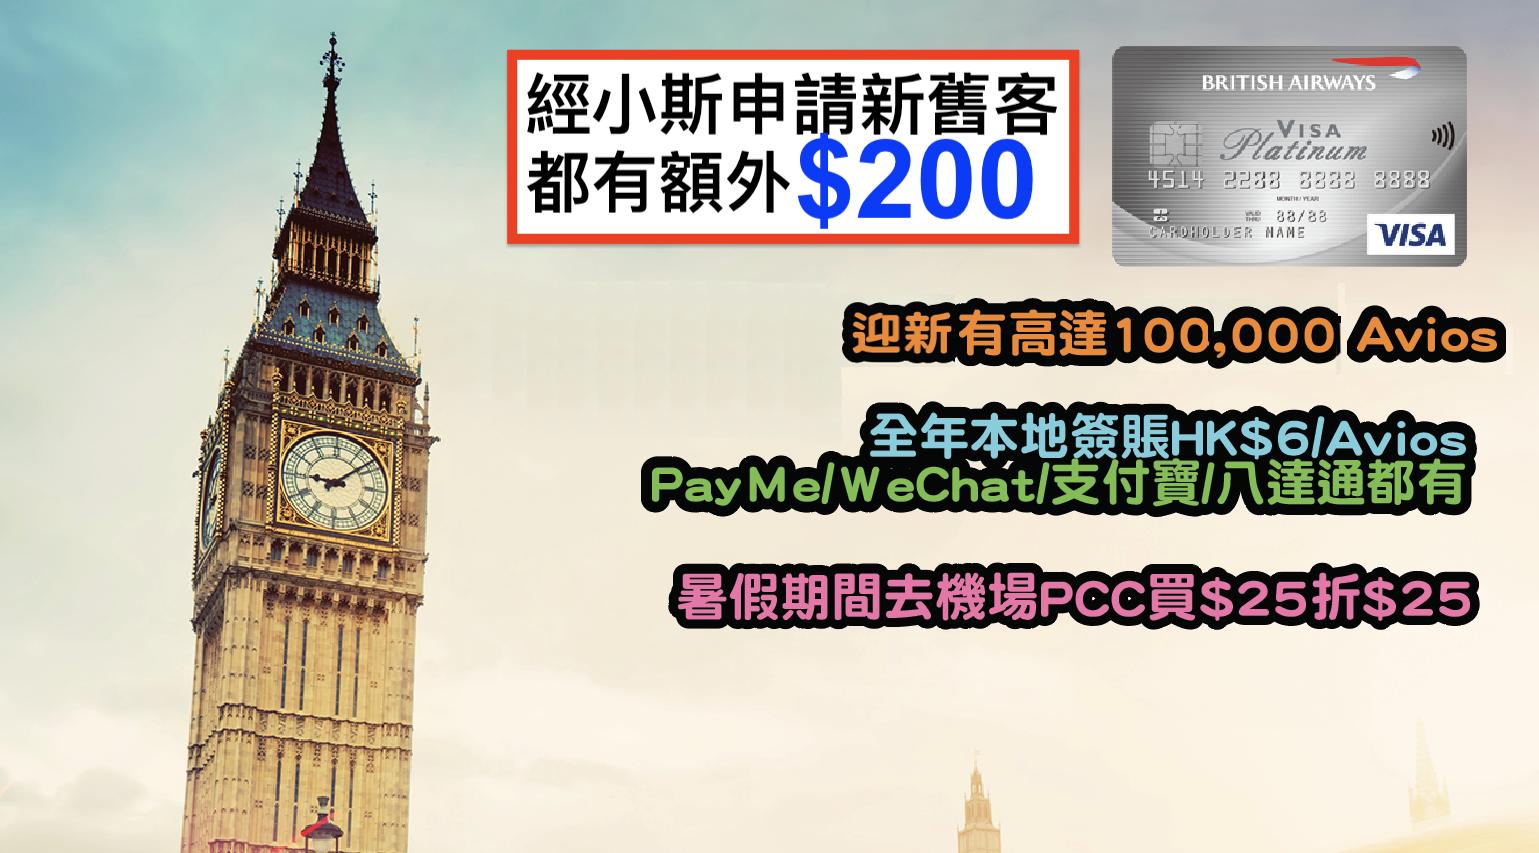 (經小斯申請新舊客都有額外$200兼有大額迎新優惠) 大新英國航空白金卡迎新高達100,000Avios!全年本地簽賬HK$6/Avios!PayMe/WeChat/支付寶都有!海外HK$6/1.5Avios、生日HK$6/2Avios!去機場PCC仲有買$25折$25!12月7日起頭100名客戶申請更有1年免費KKbox會藉呀!